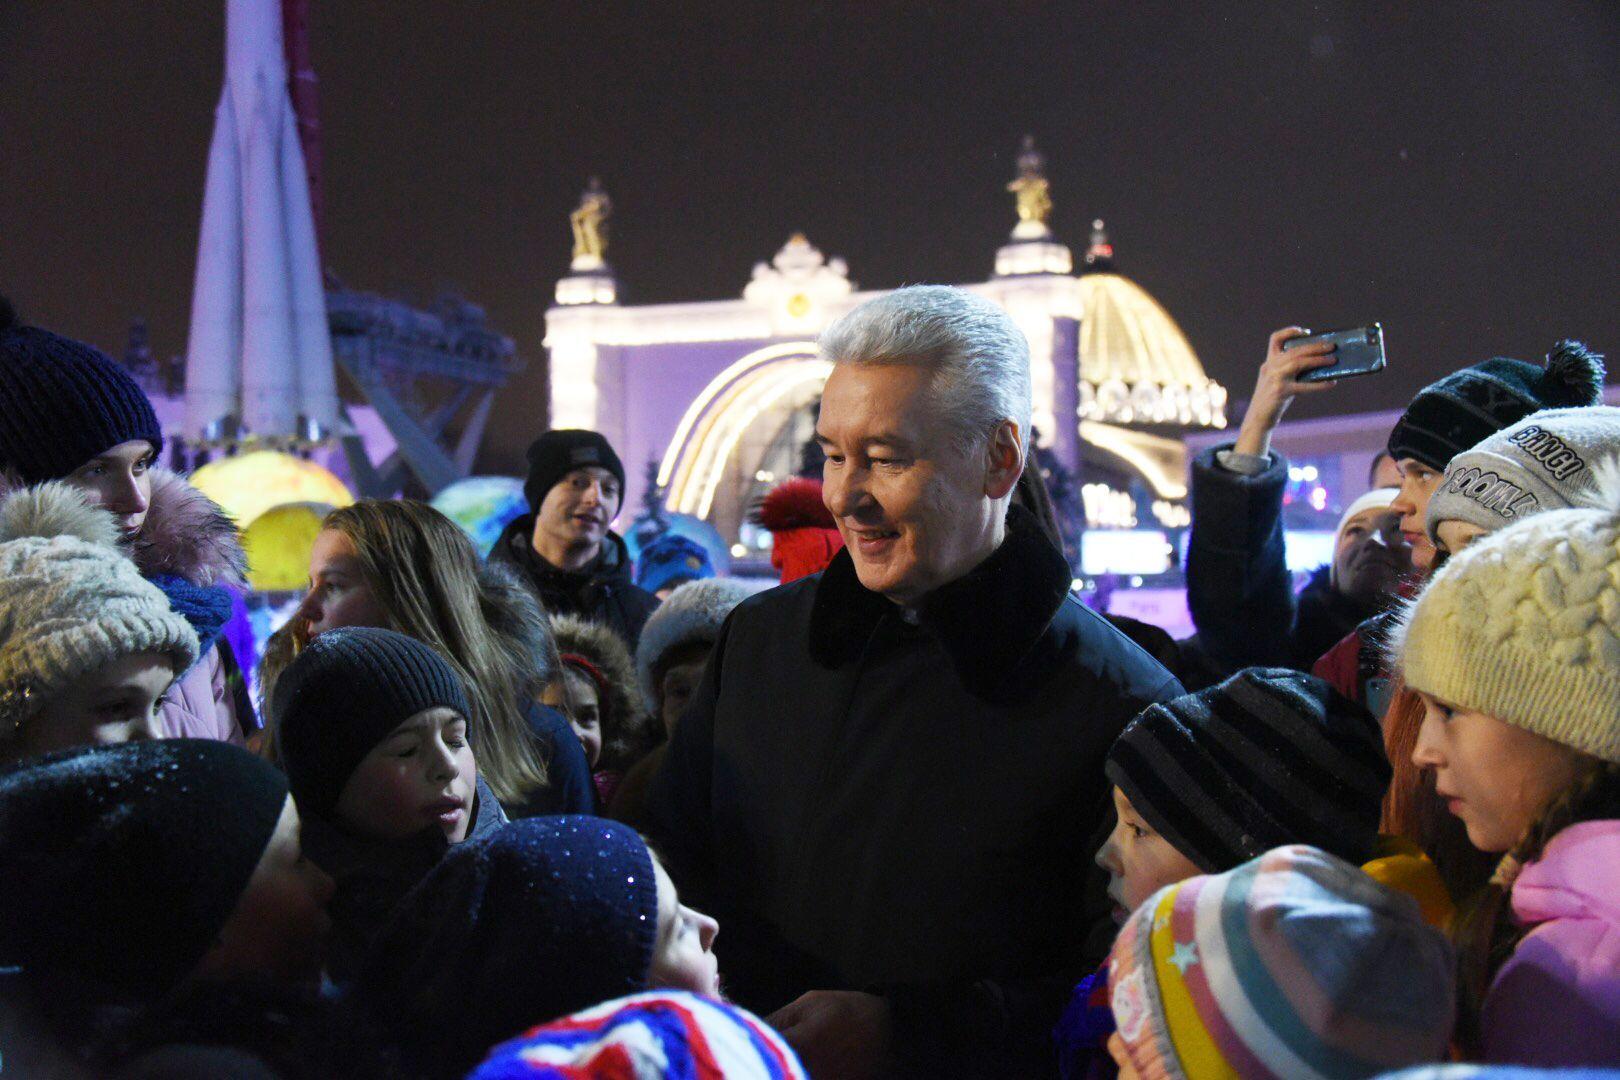 Сергей Собянин пригласил москвичей на заключительные мероприятия праздничного фестиваля.Фото: архив, «Вечерняя Москва»